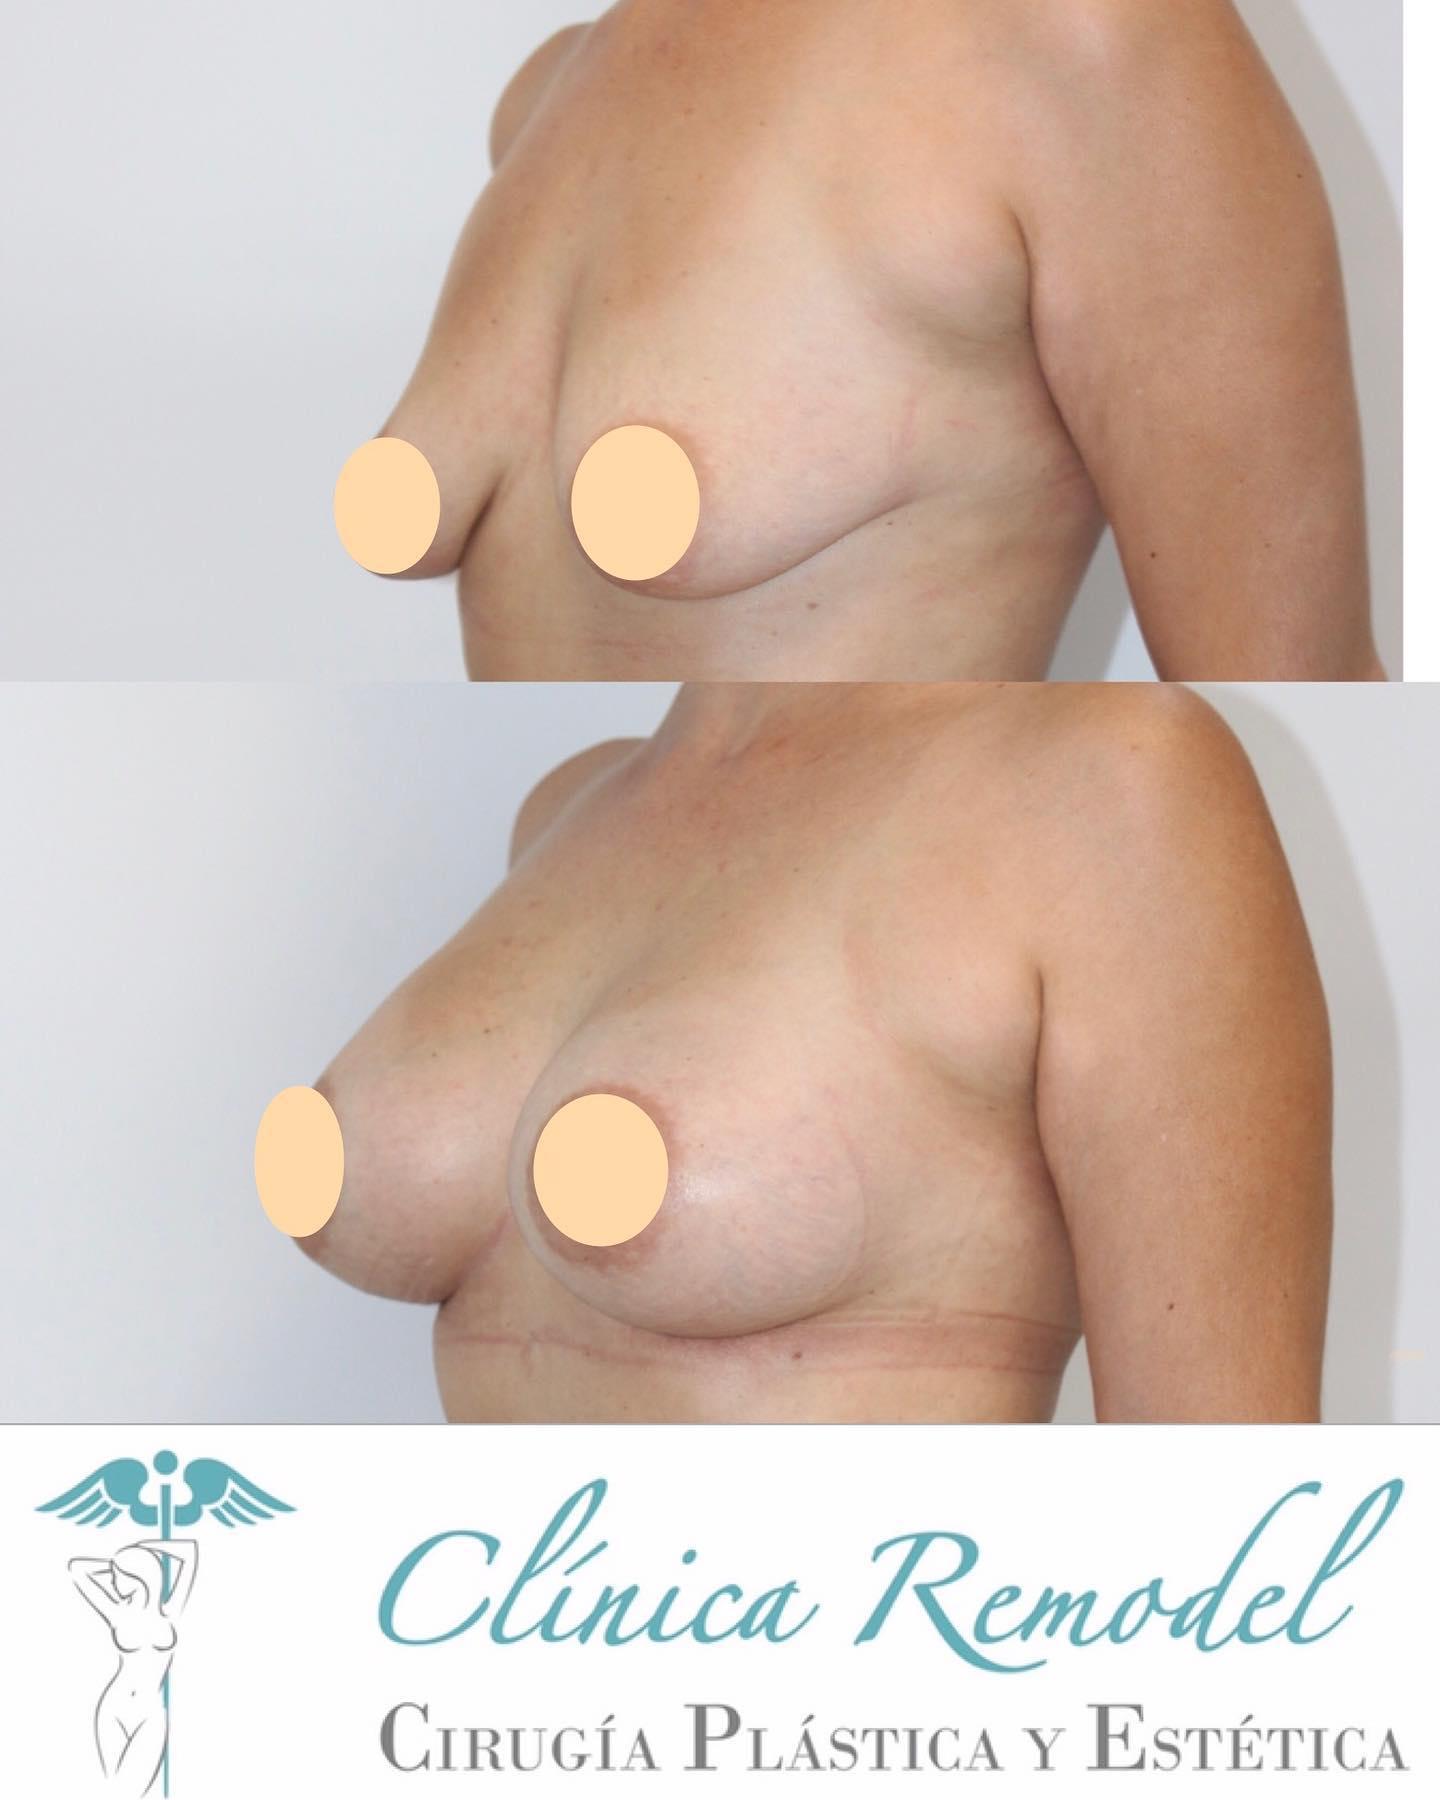 Aumento de pecho con prótesis para corregir mamas caídas y vacías en Clínica Remodel Las Palmas (imagen lateral)